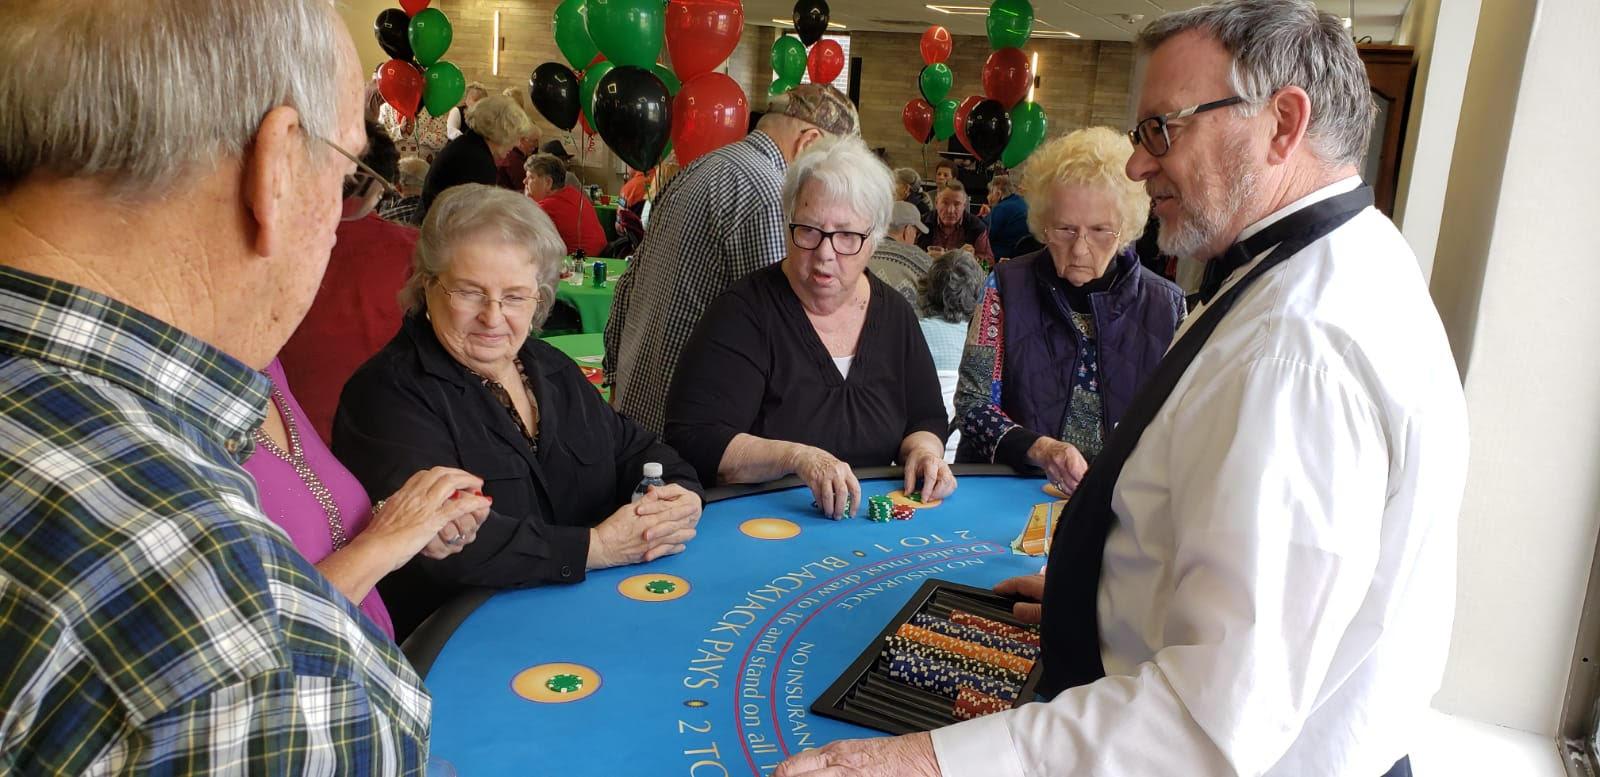 Quality Center Casino 2